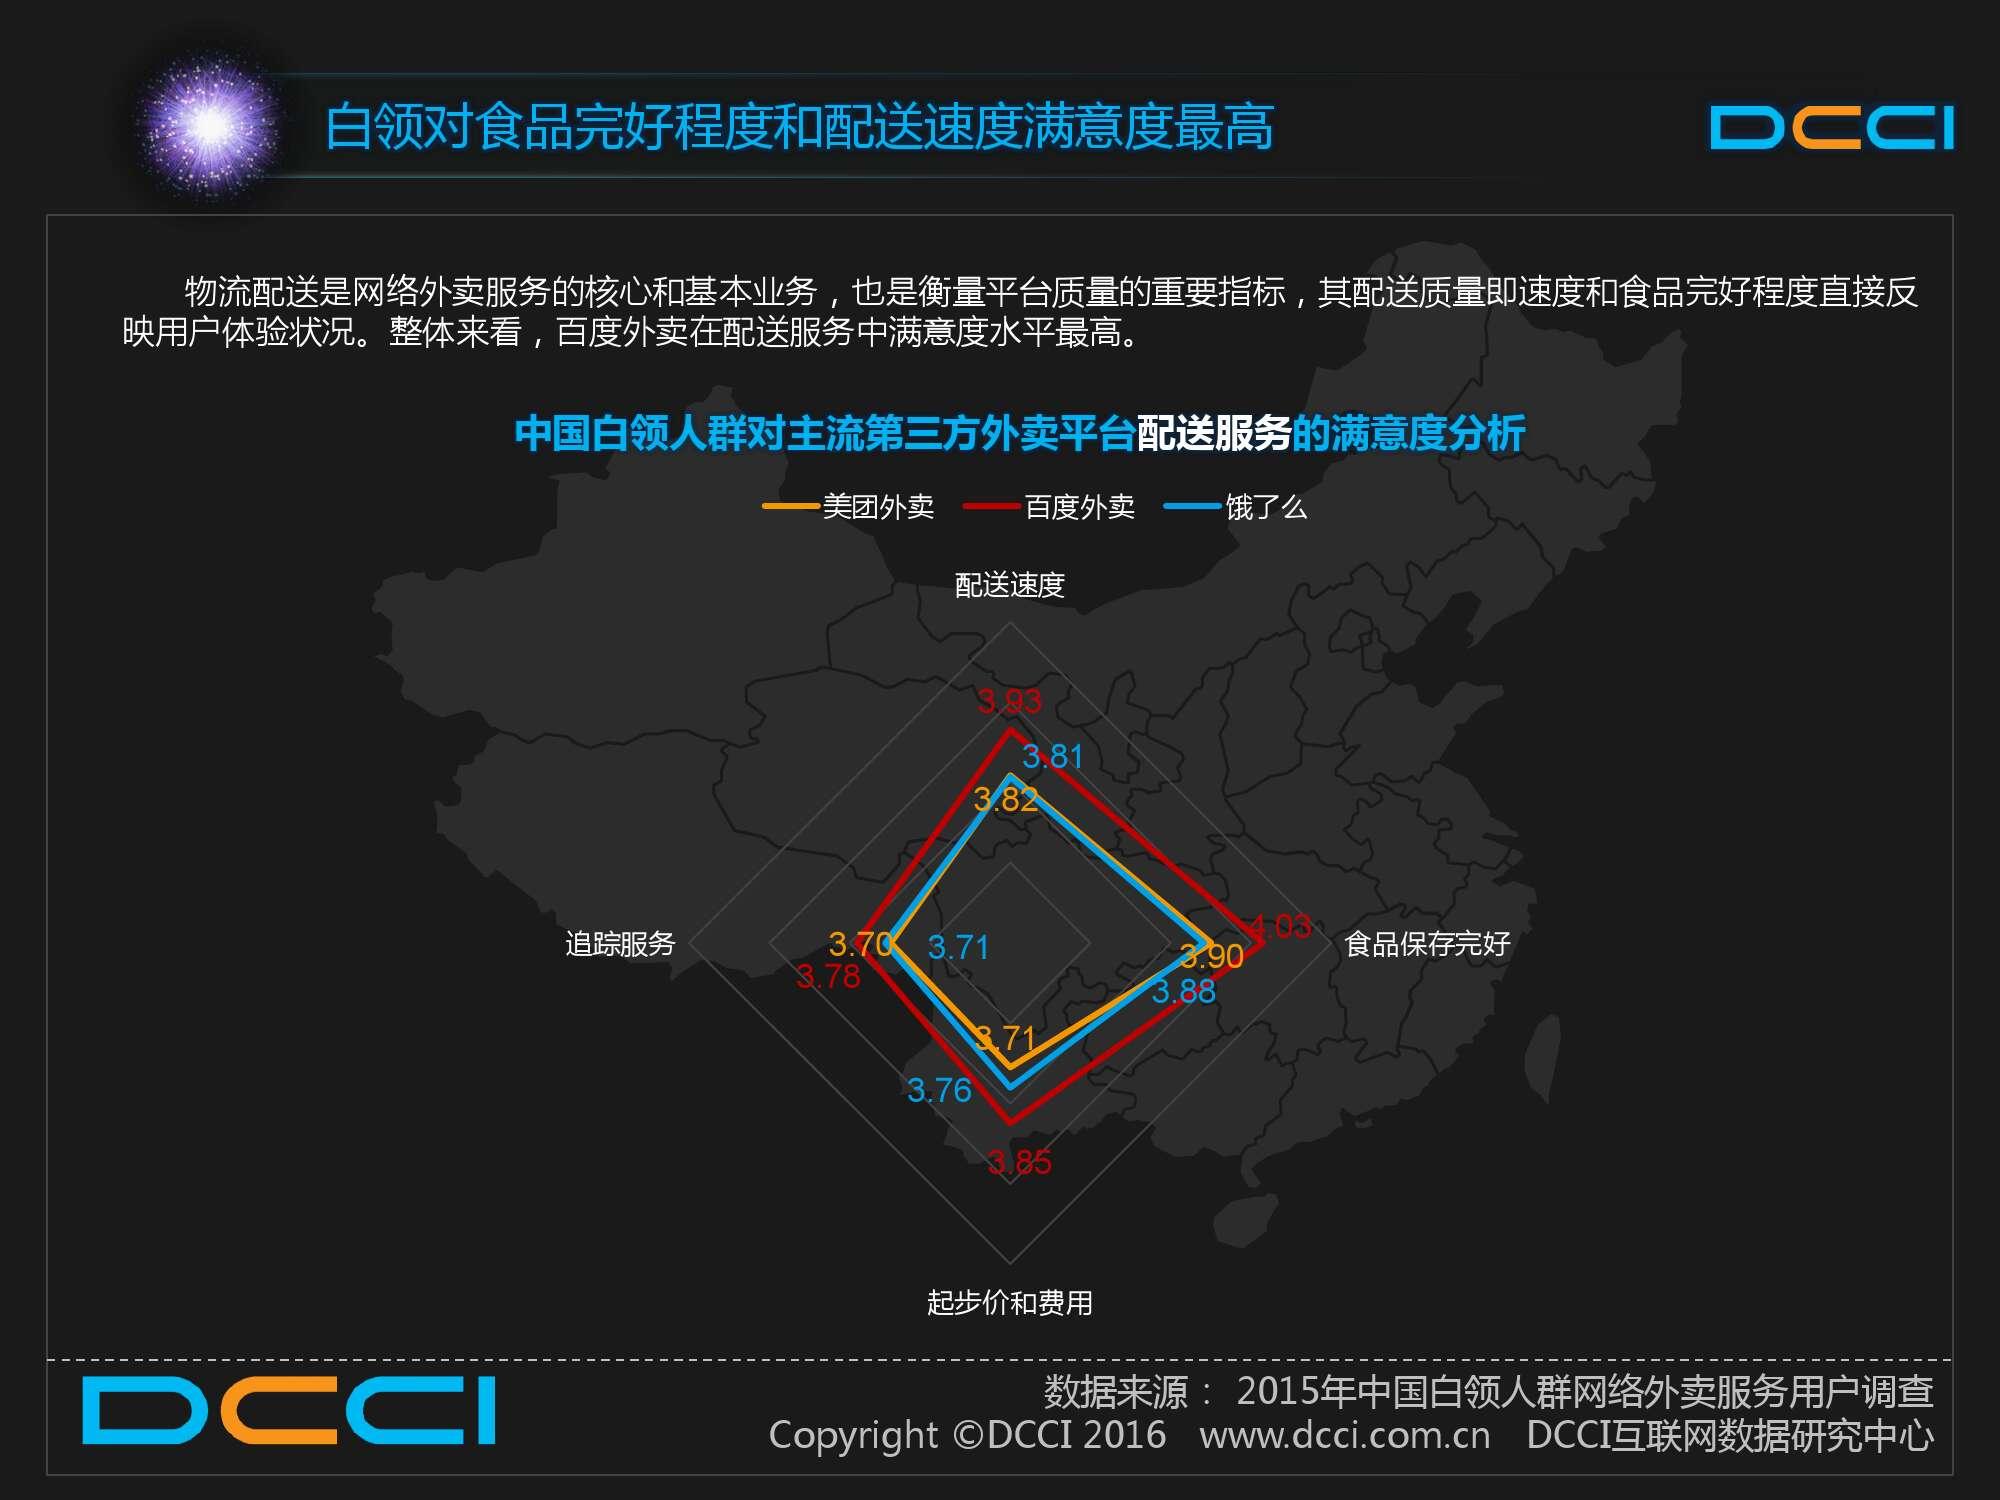 2015中国白领人群网络外卖服务研究报告_000030